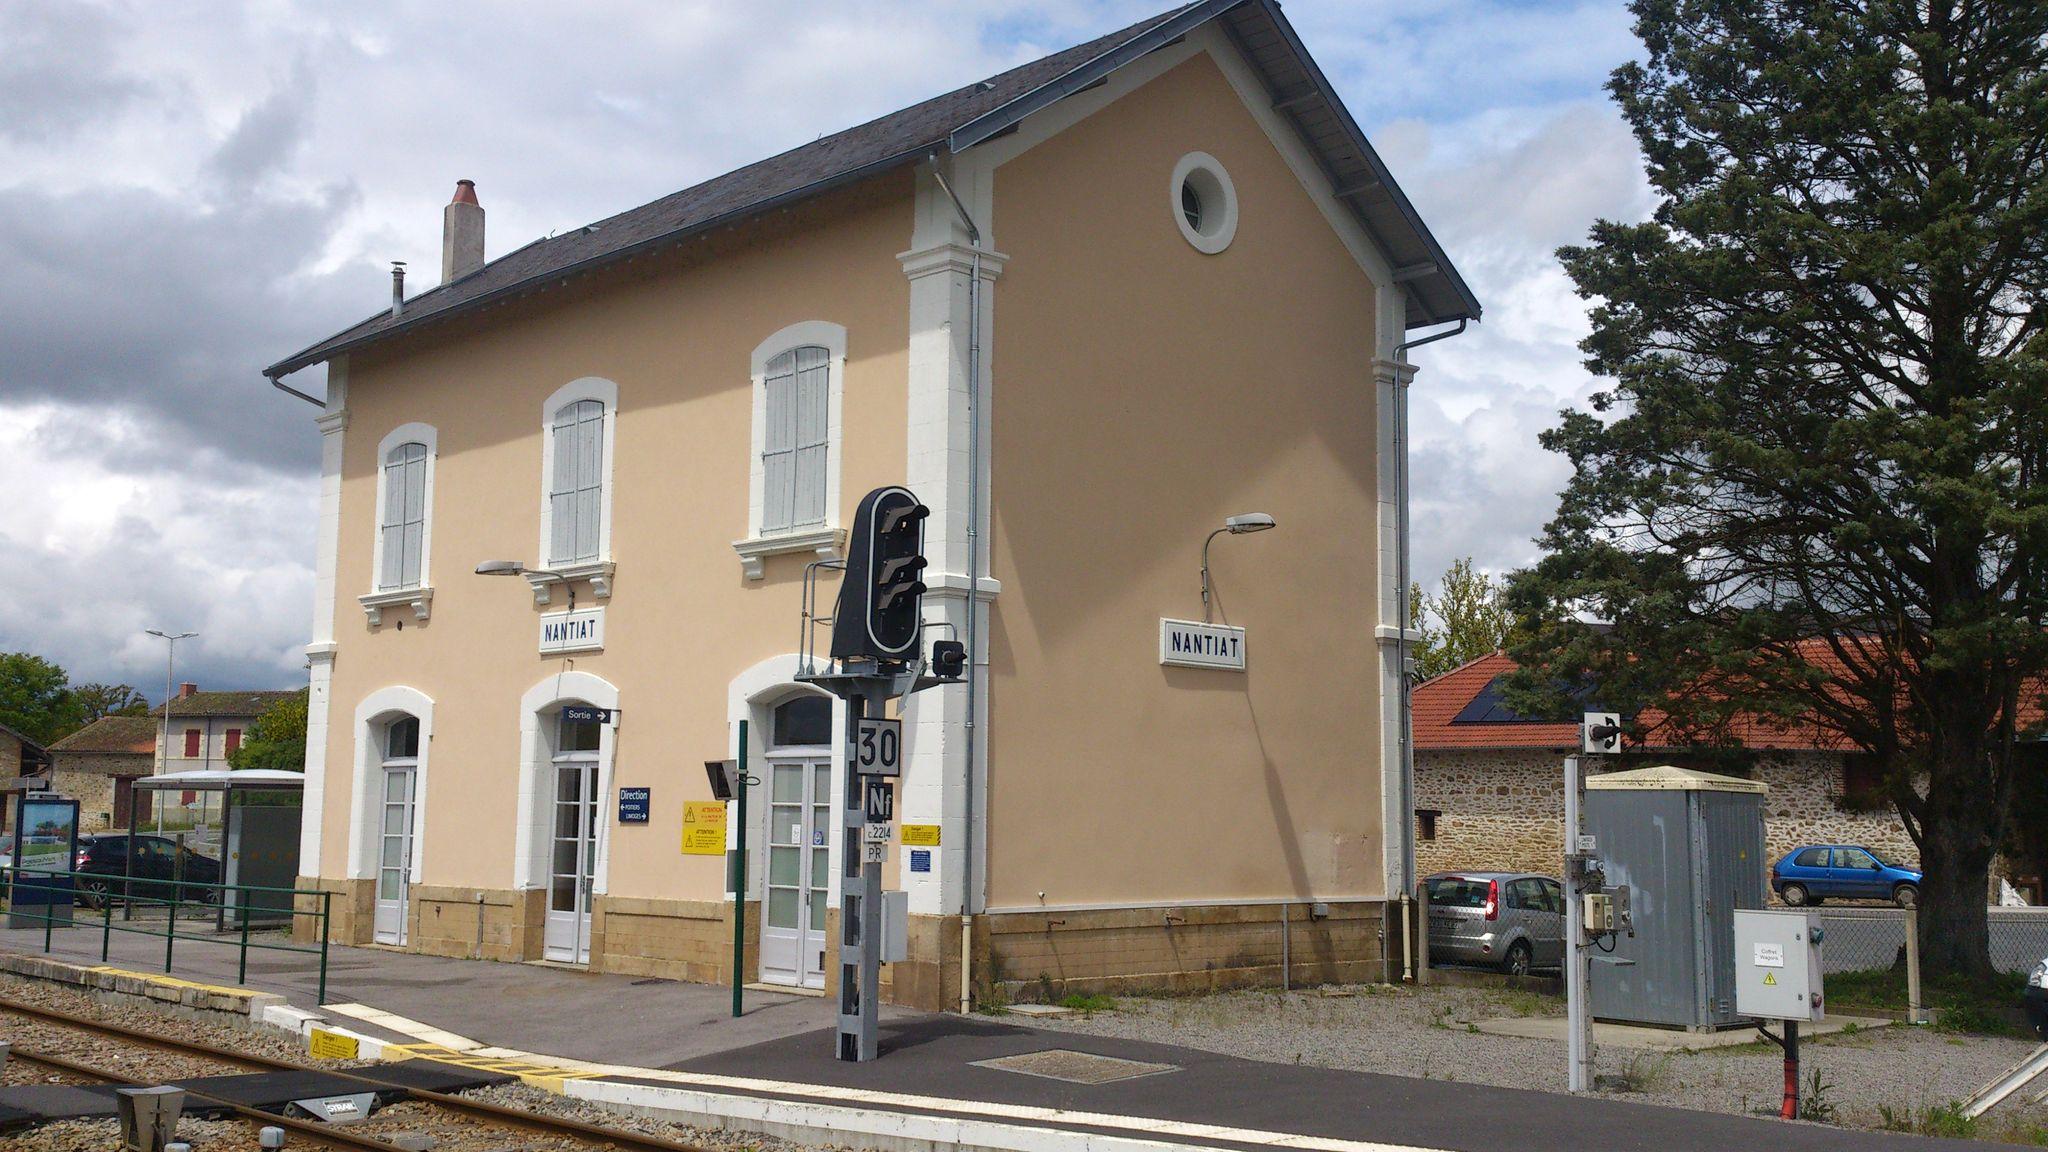 Nantiat (Haute-Vienne)